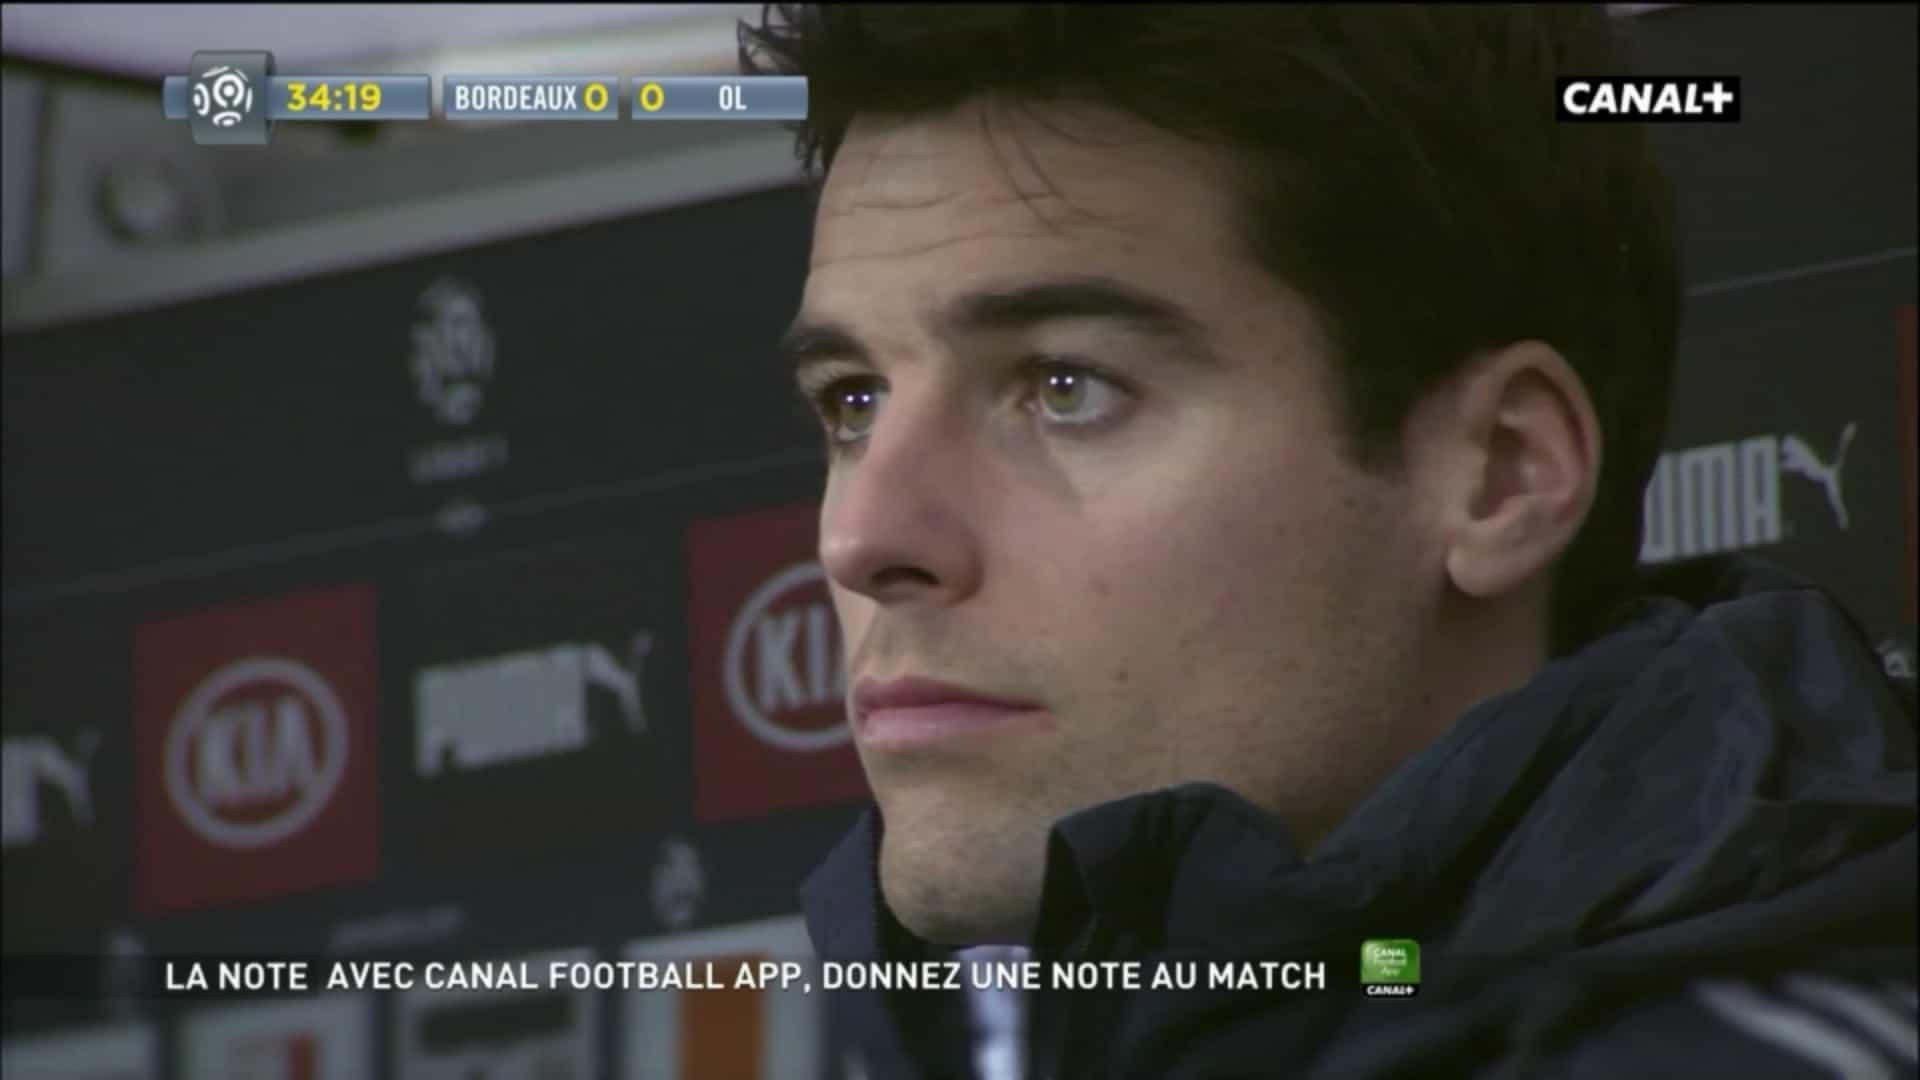 Yoann Gourcuff réussit des exploits sportifs, mais pas dans le football…